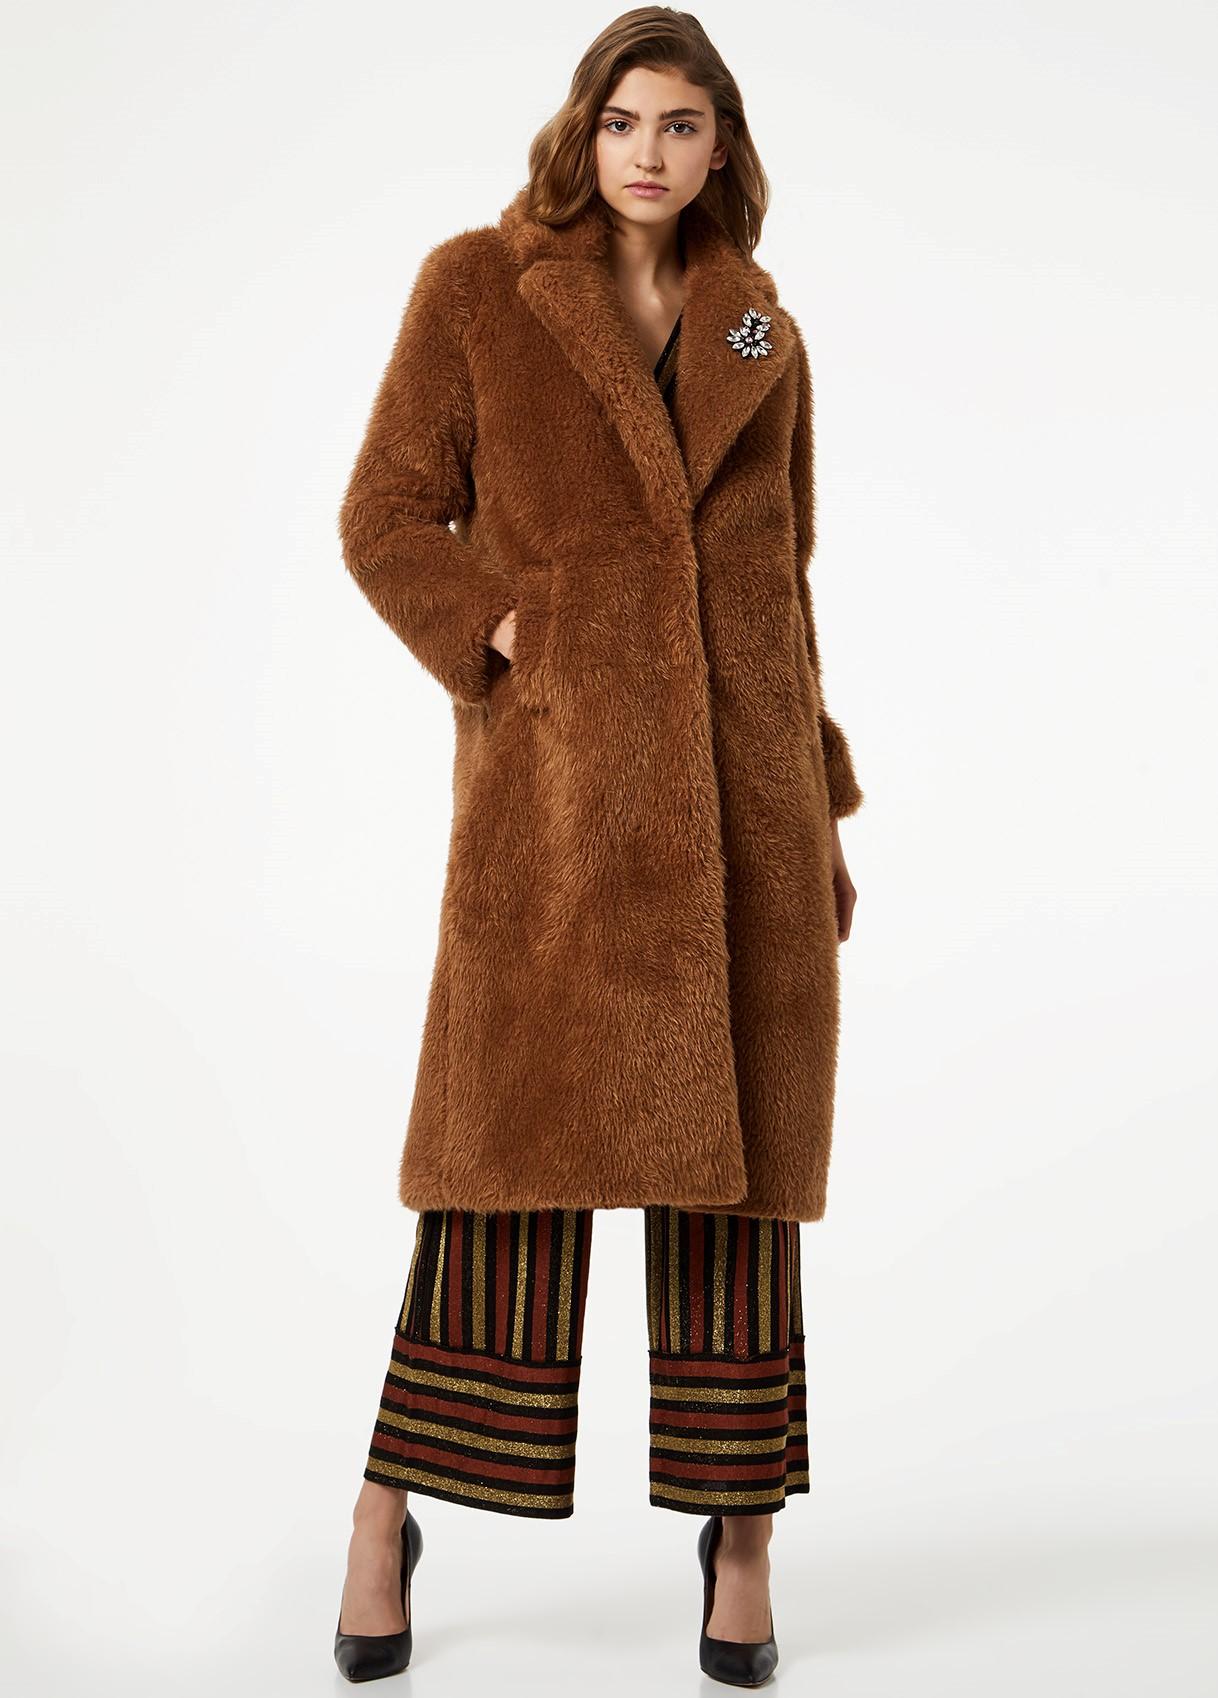 LiuJO-Coats-Jackets